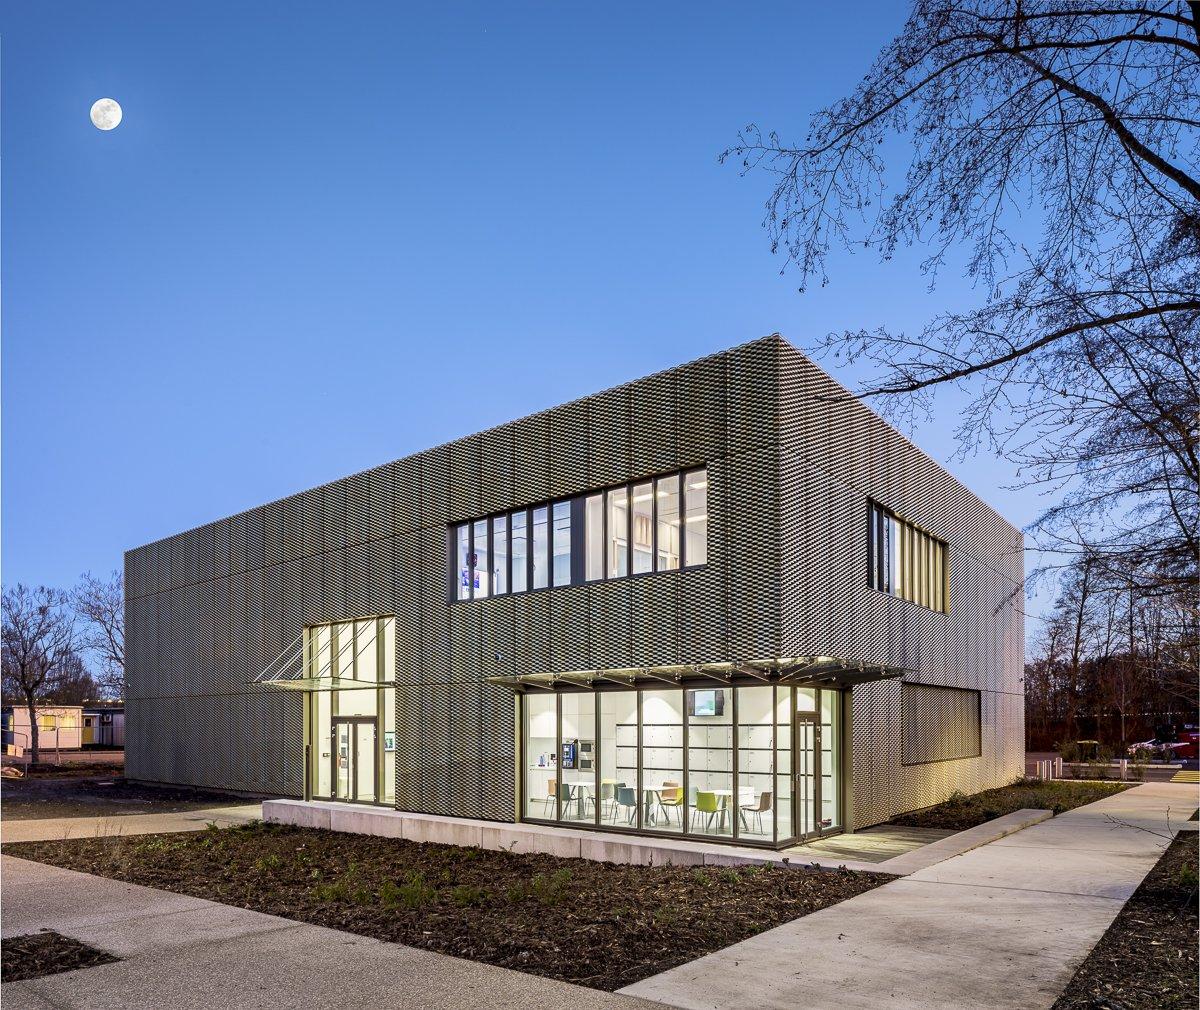 https://www.transform-architecture.com/wp-content/uploads/2020/12/photo_SG_2021_-_TRANSFORM_-_bureaux_-_senlis_-ECR-B-024.jpg